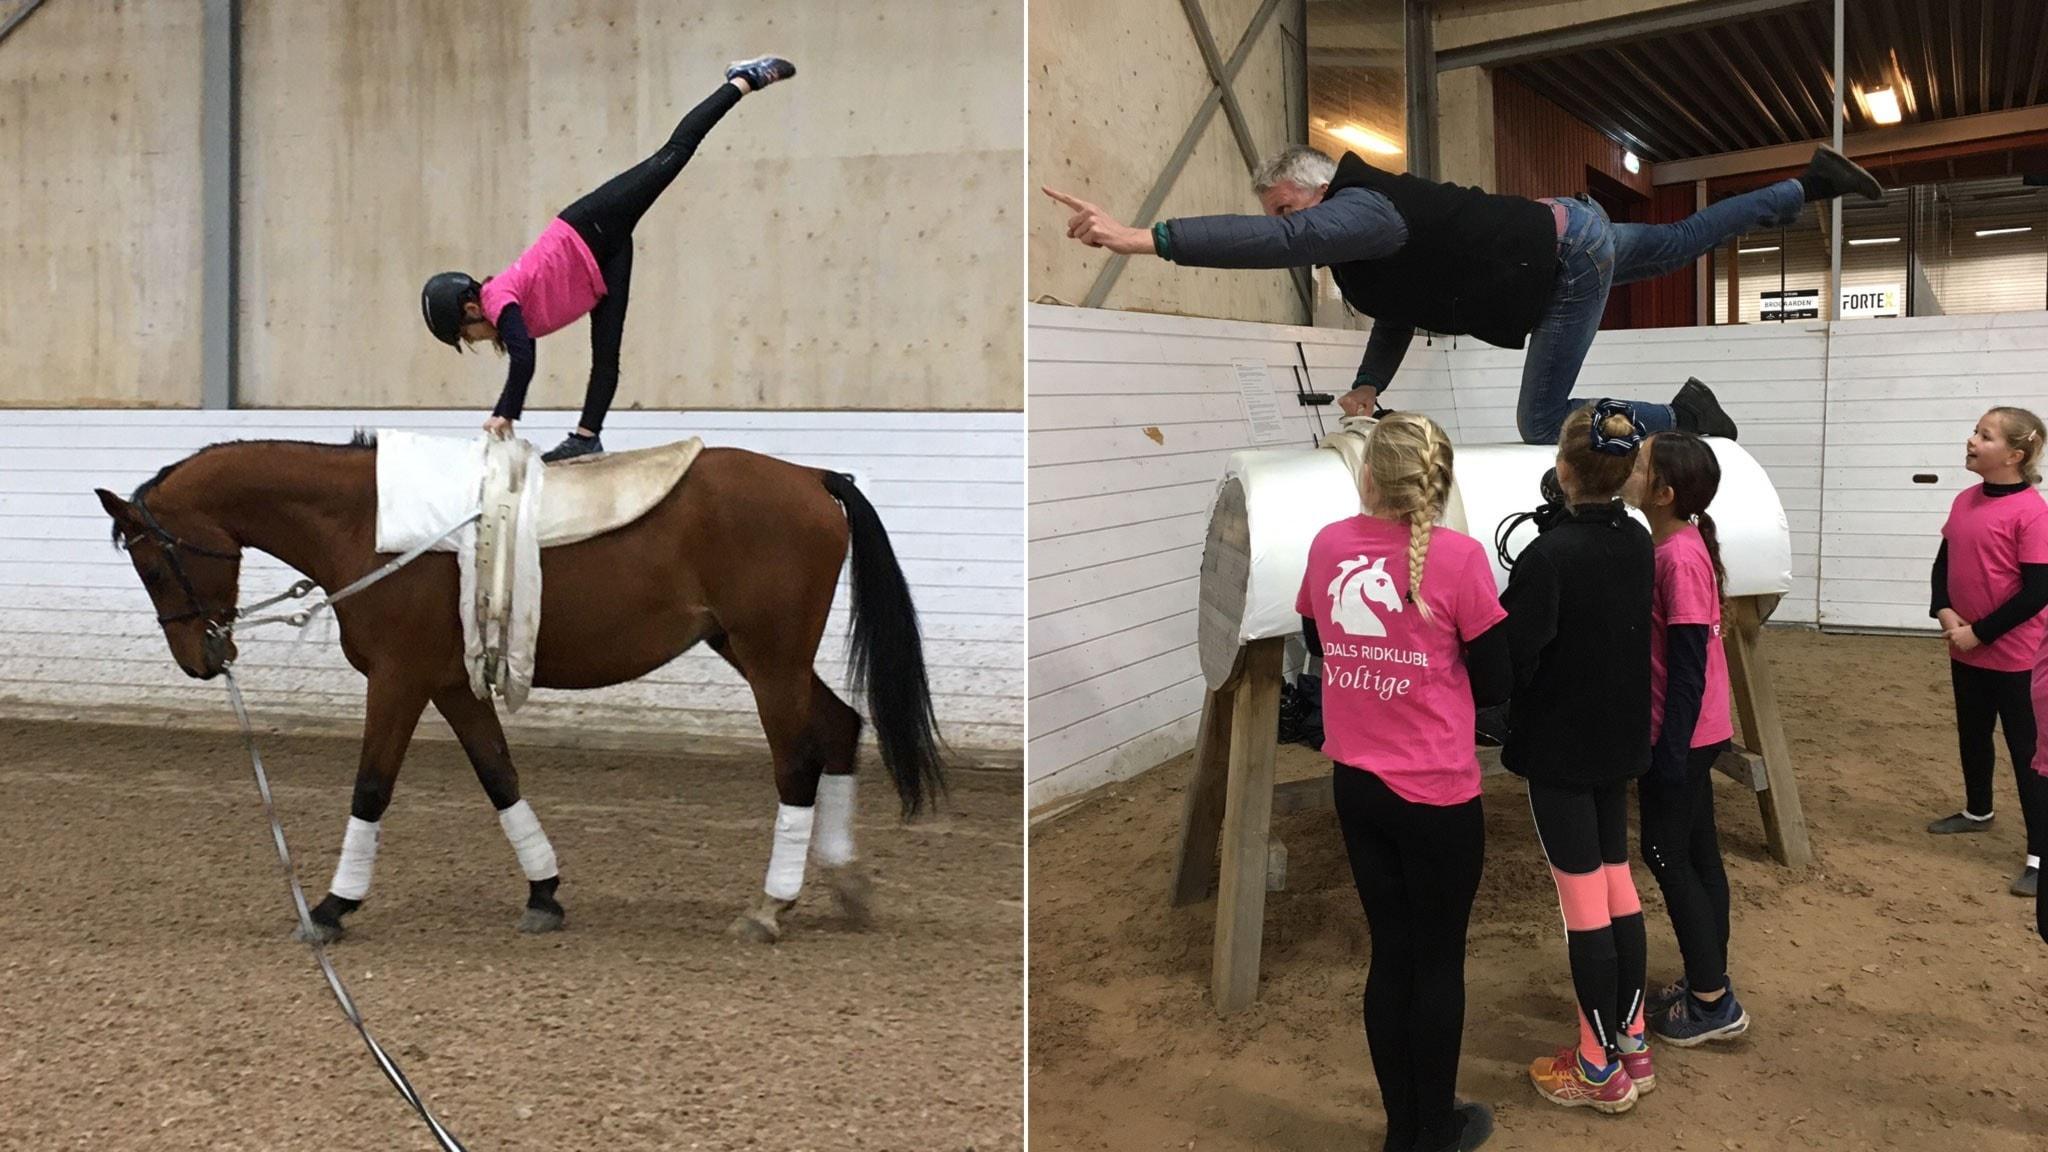 Voltige – gymnastik på hästens rygg